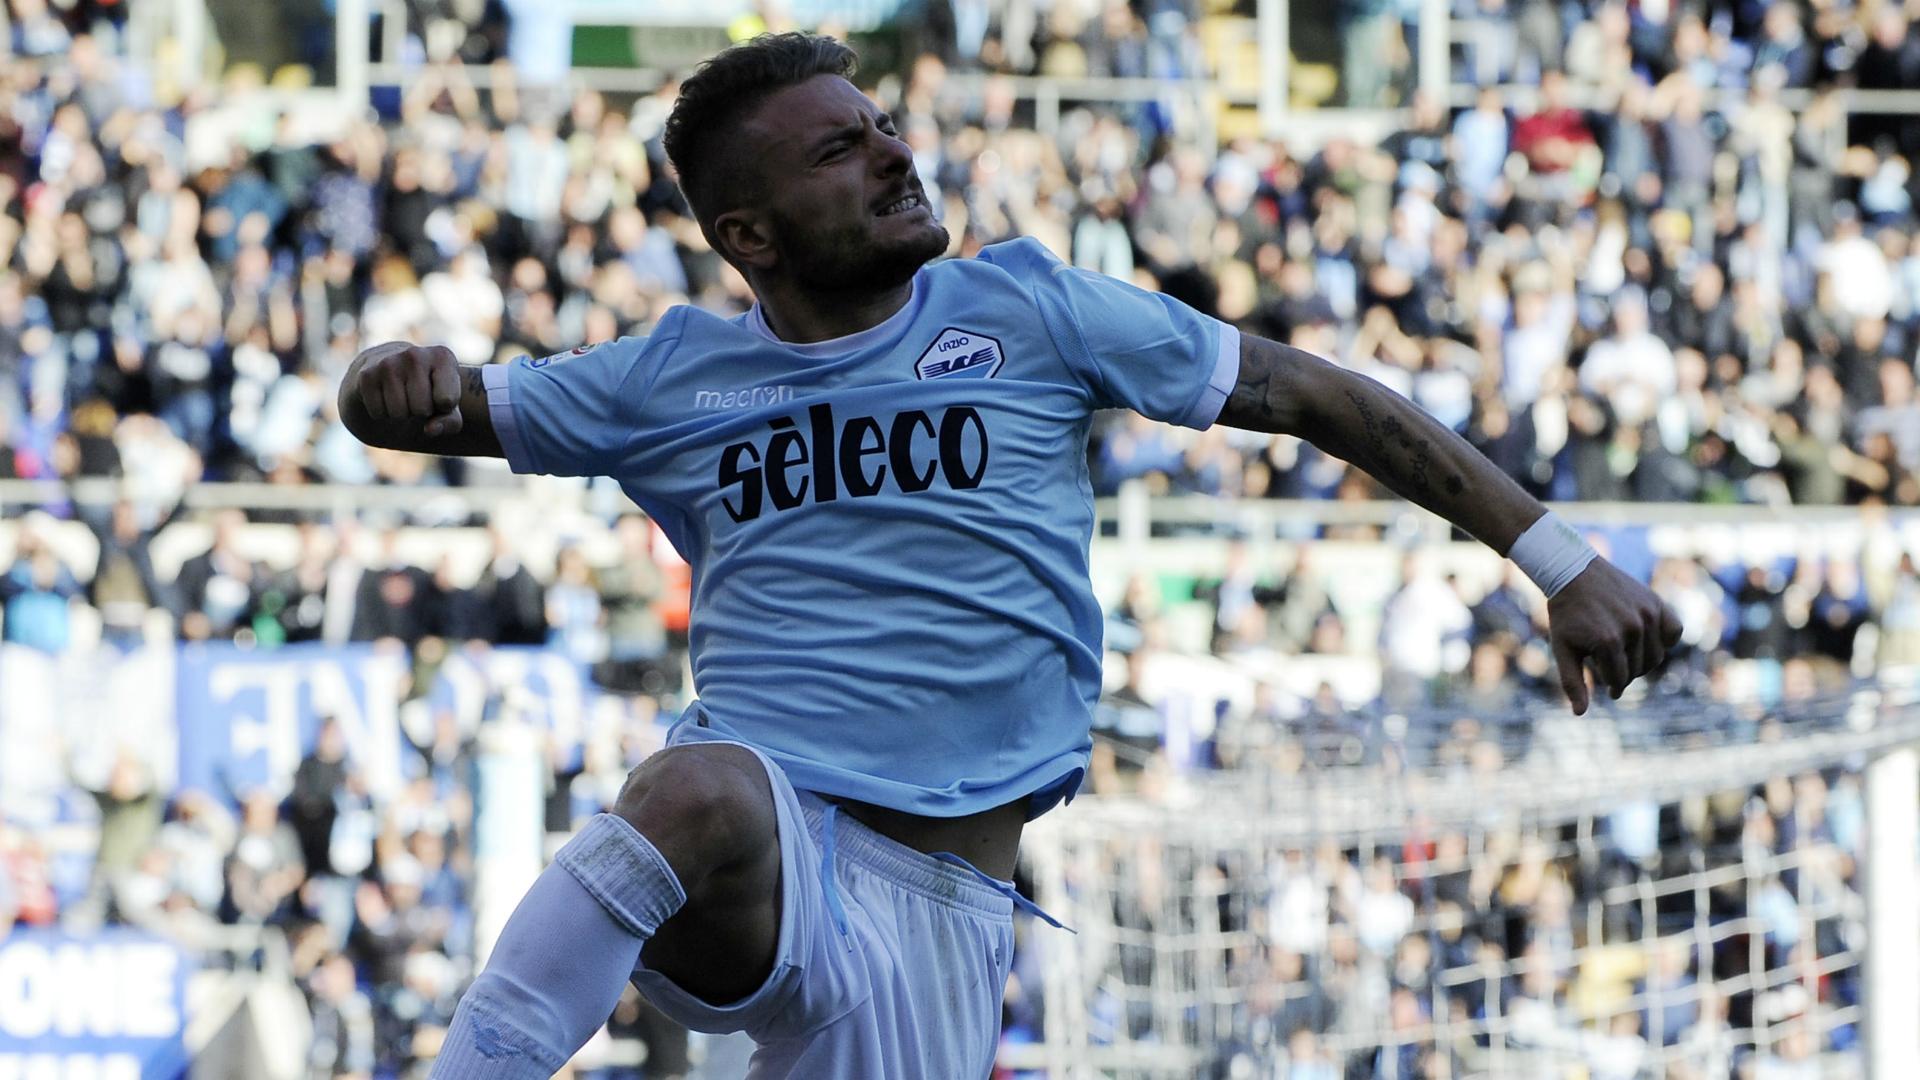 Inter set tough Lazio test after Cup flop